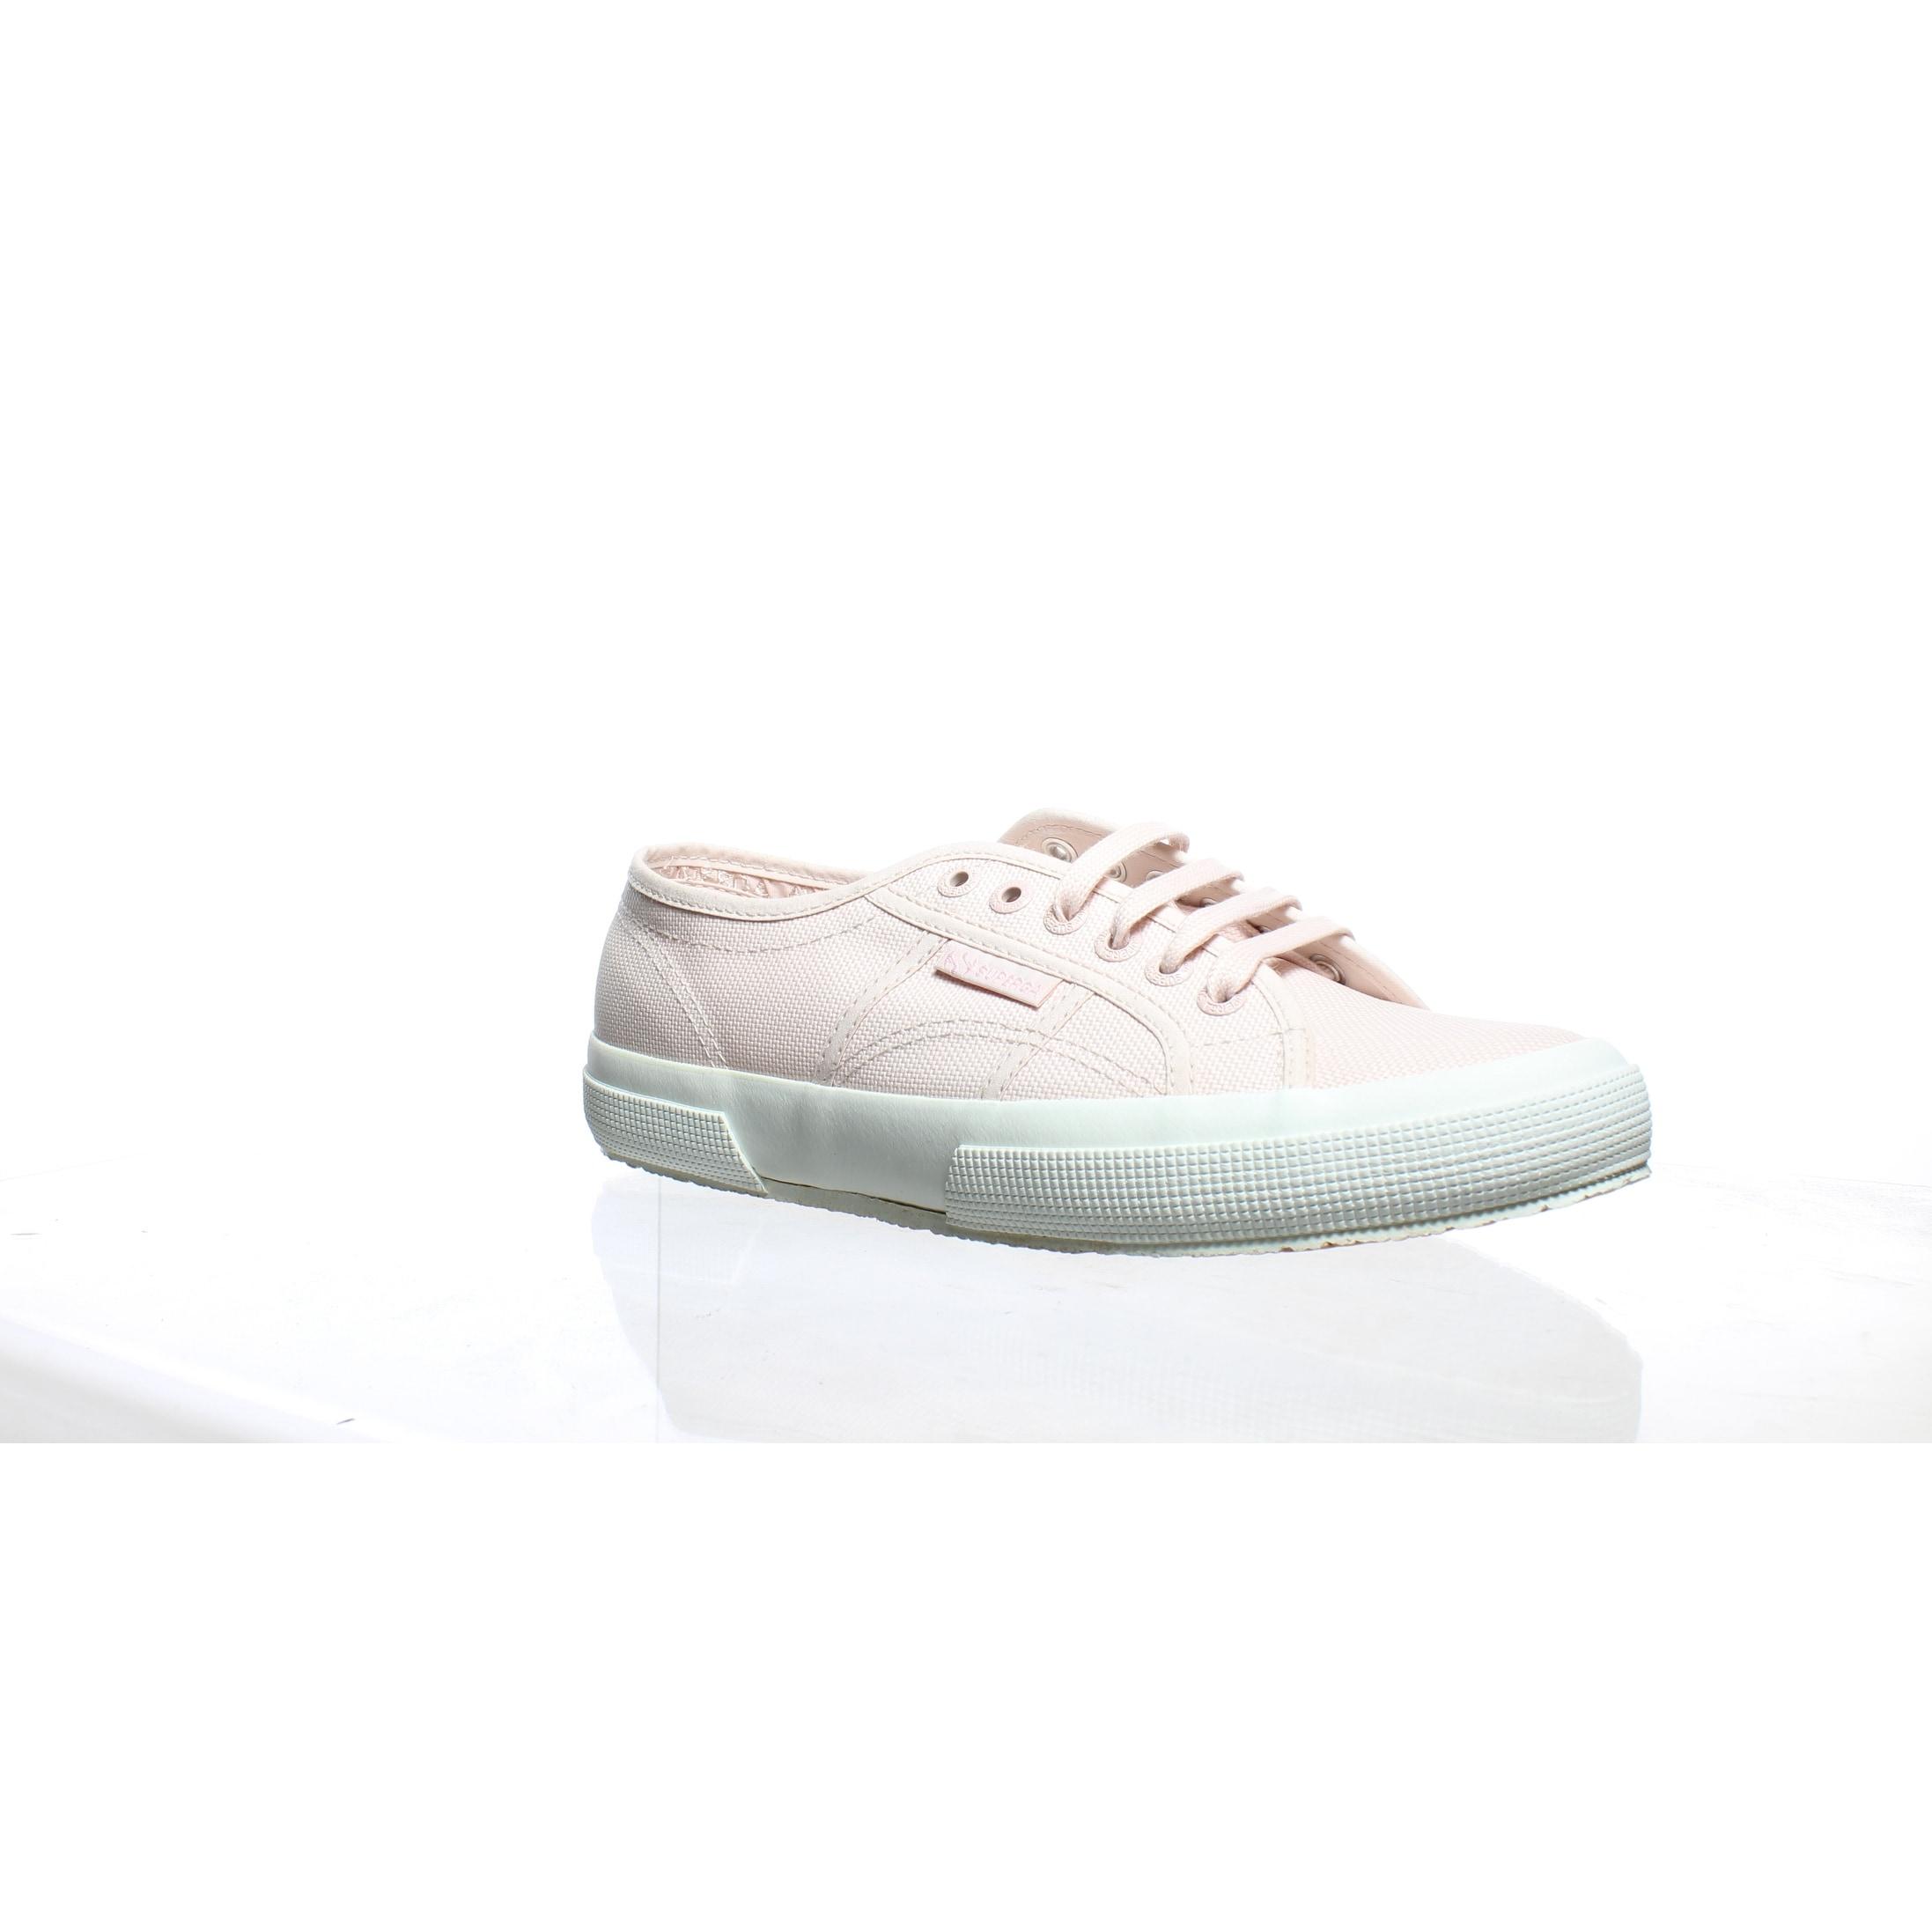 Full Light Pink Fashion Sneaker EUR